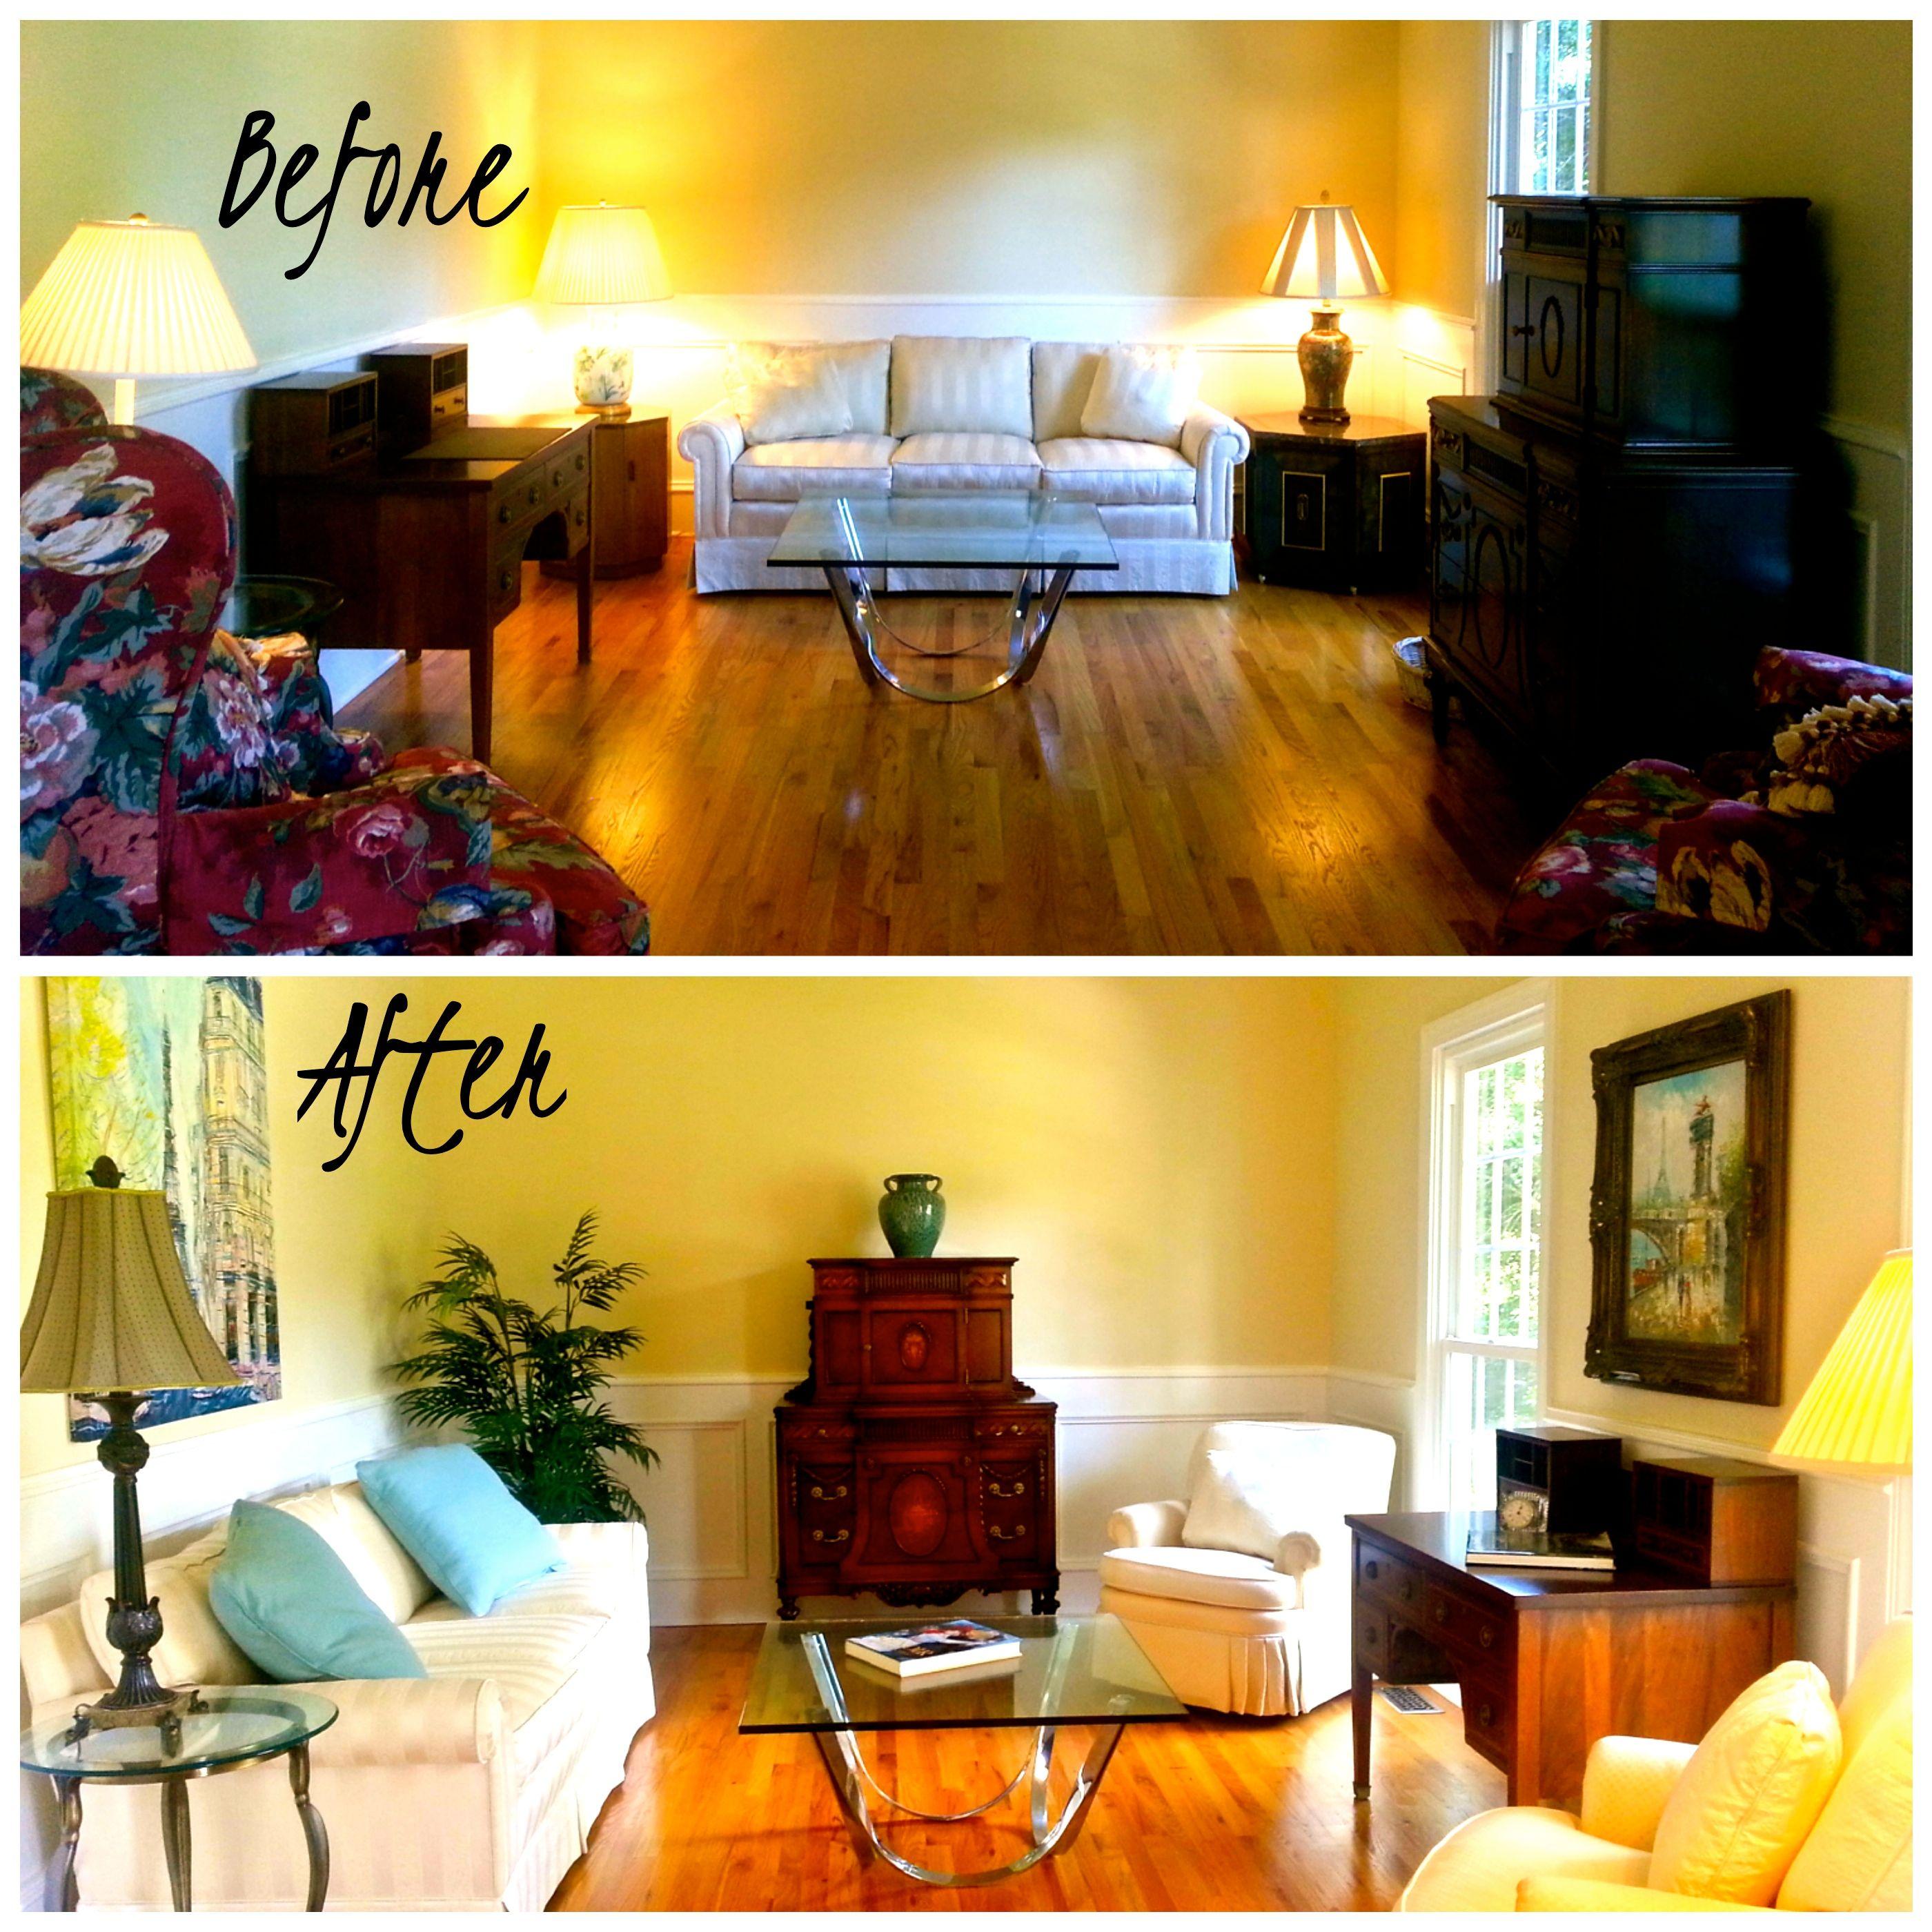 brinkman living room